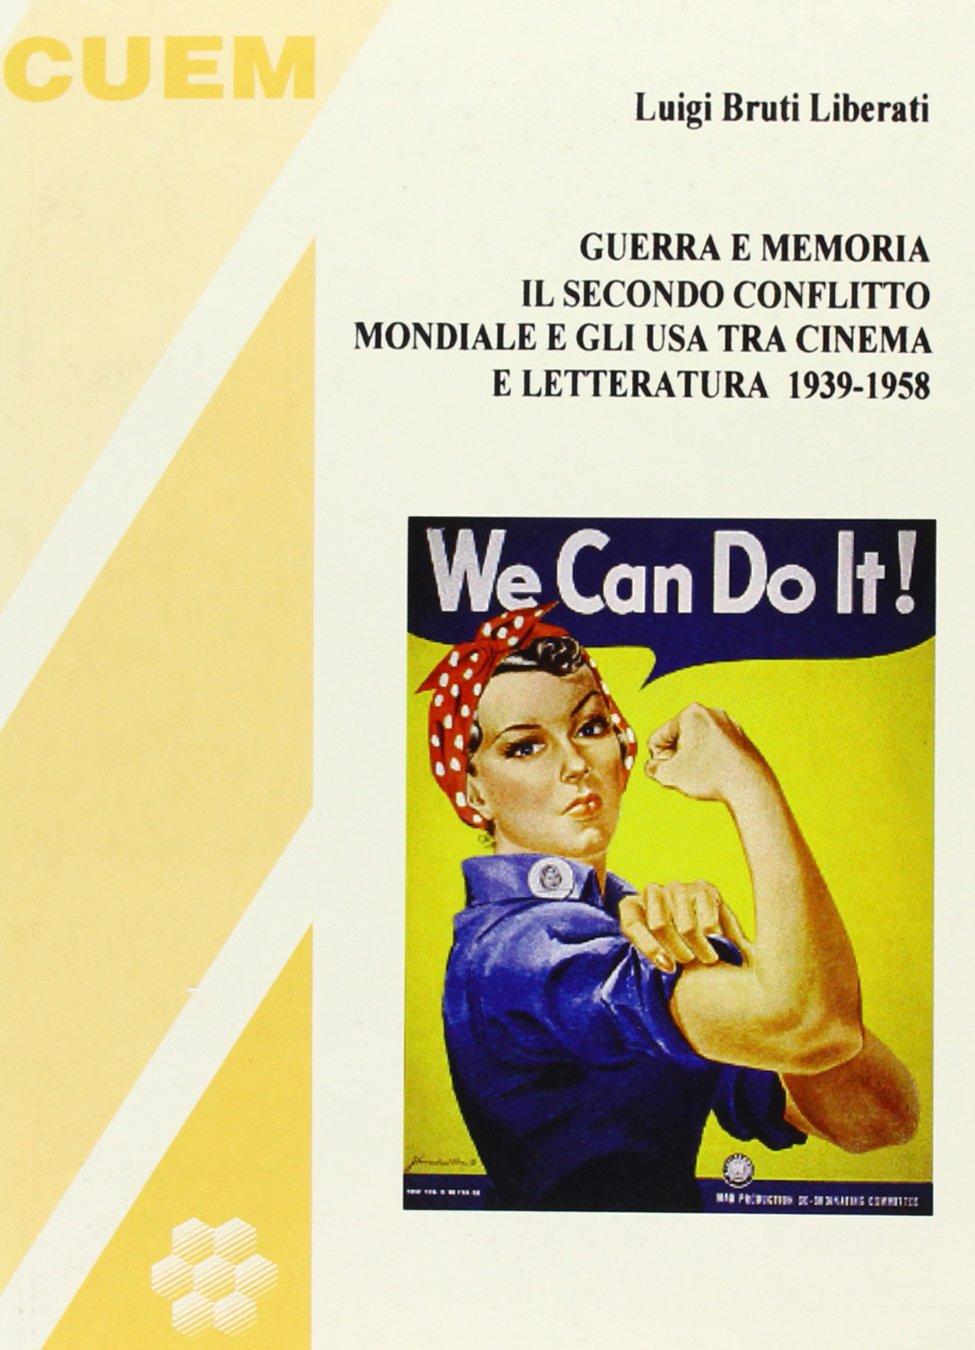 Guerra e memoria. Il secondo conflitto mondiale e gli USA tra cinema e letteratura 1939-58